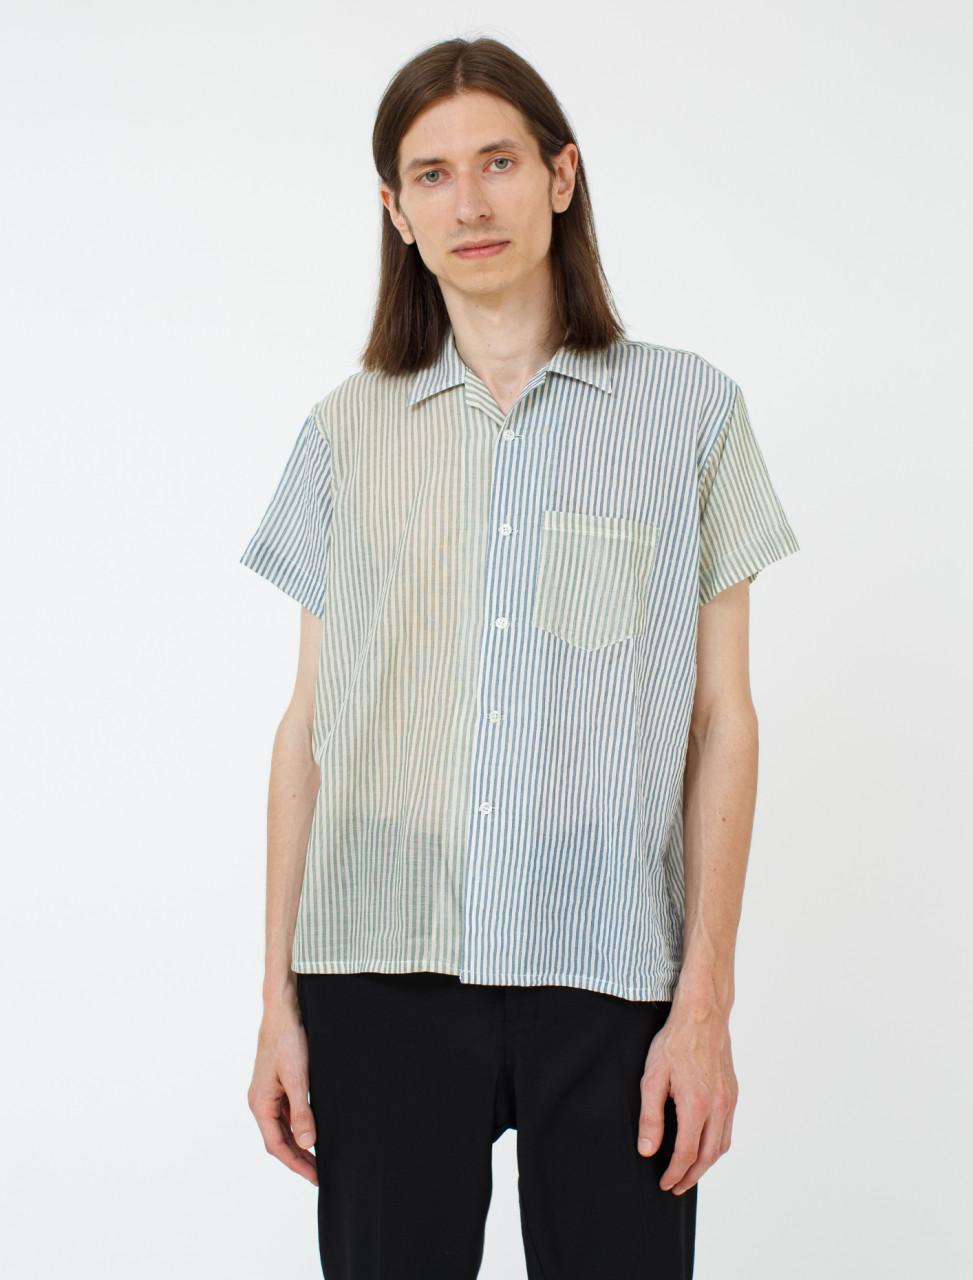 Duo-Tone Stripe Silk Shirt